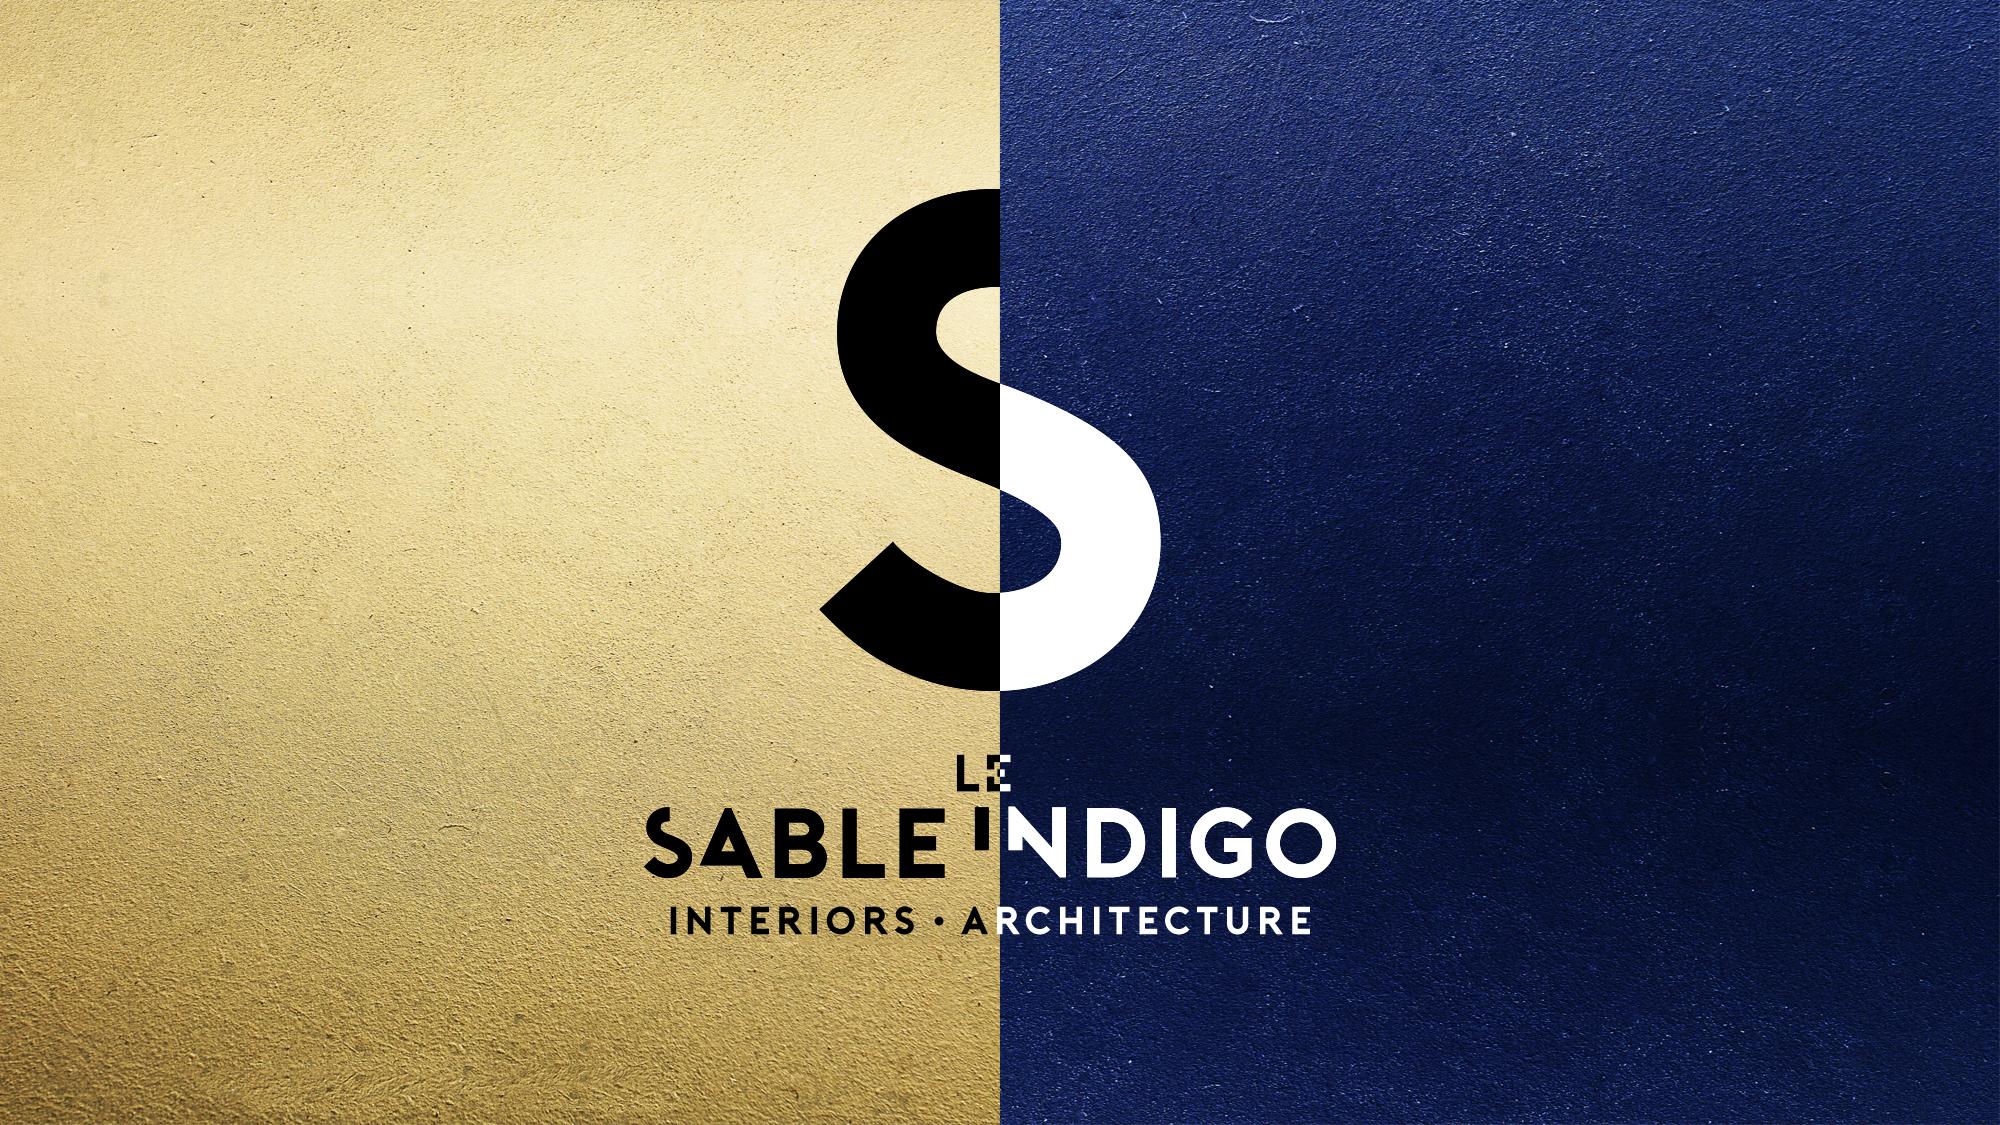 le-sable-indigo_header.jpg